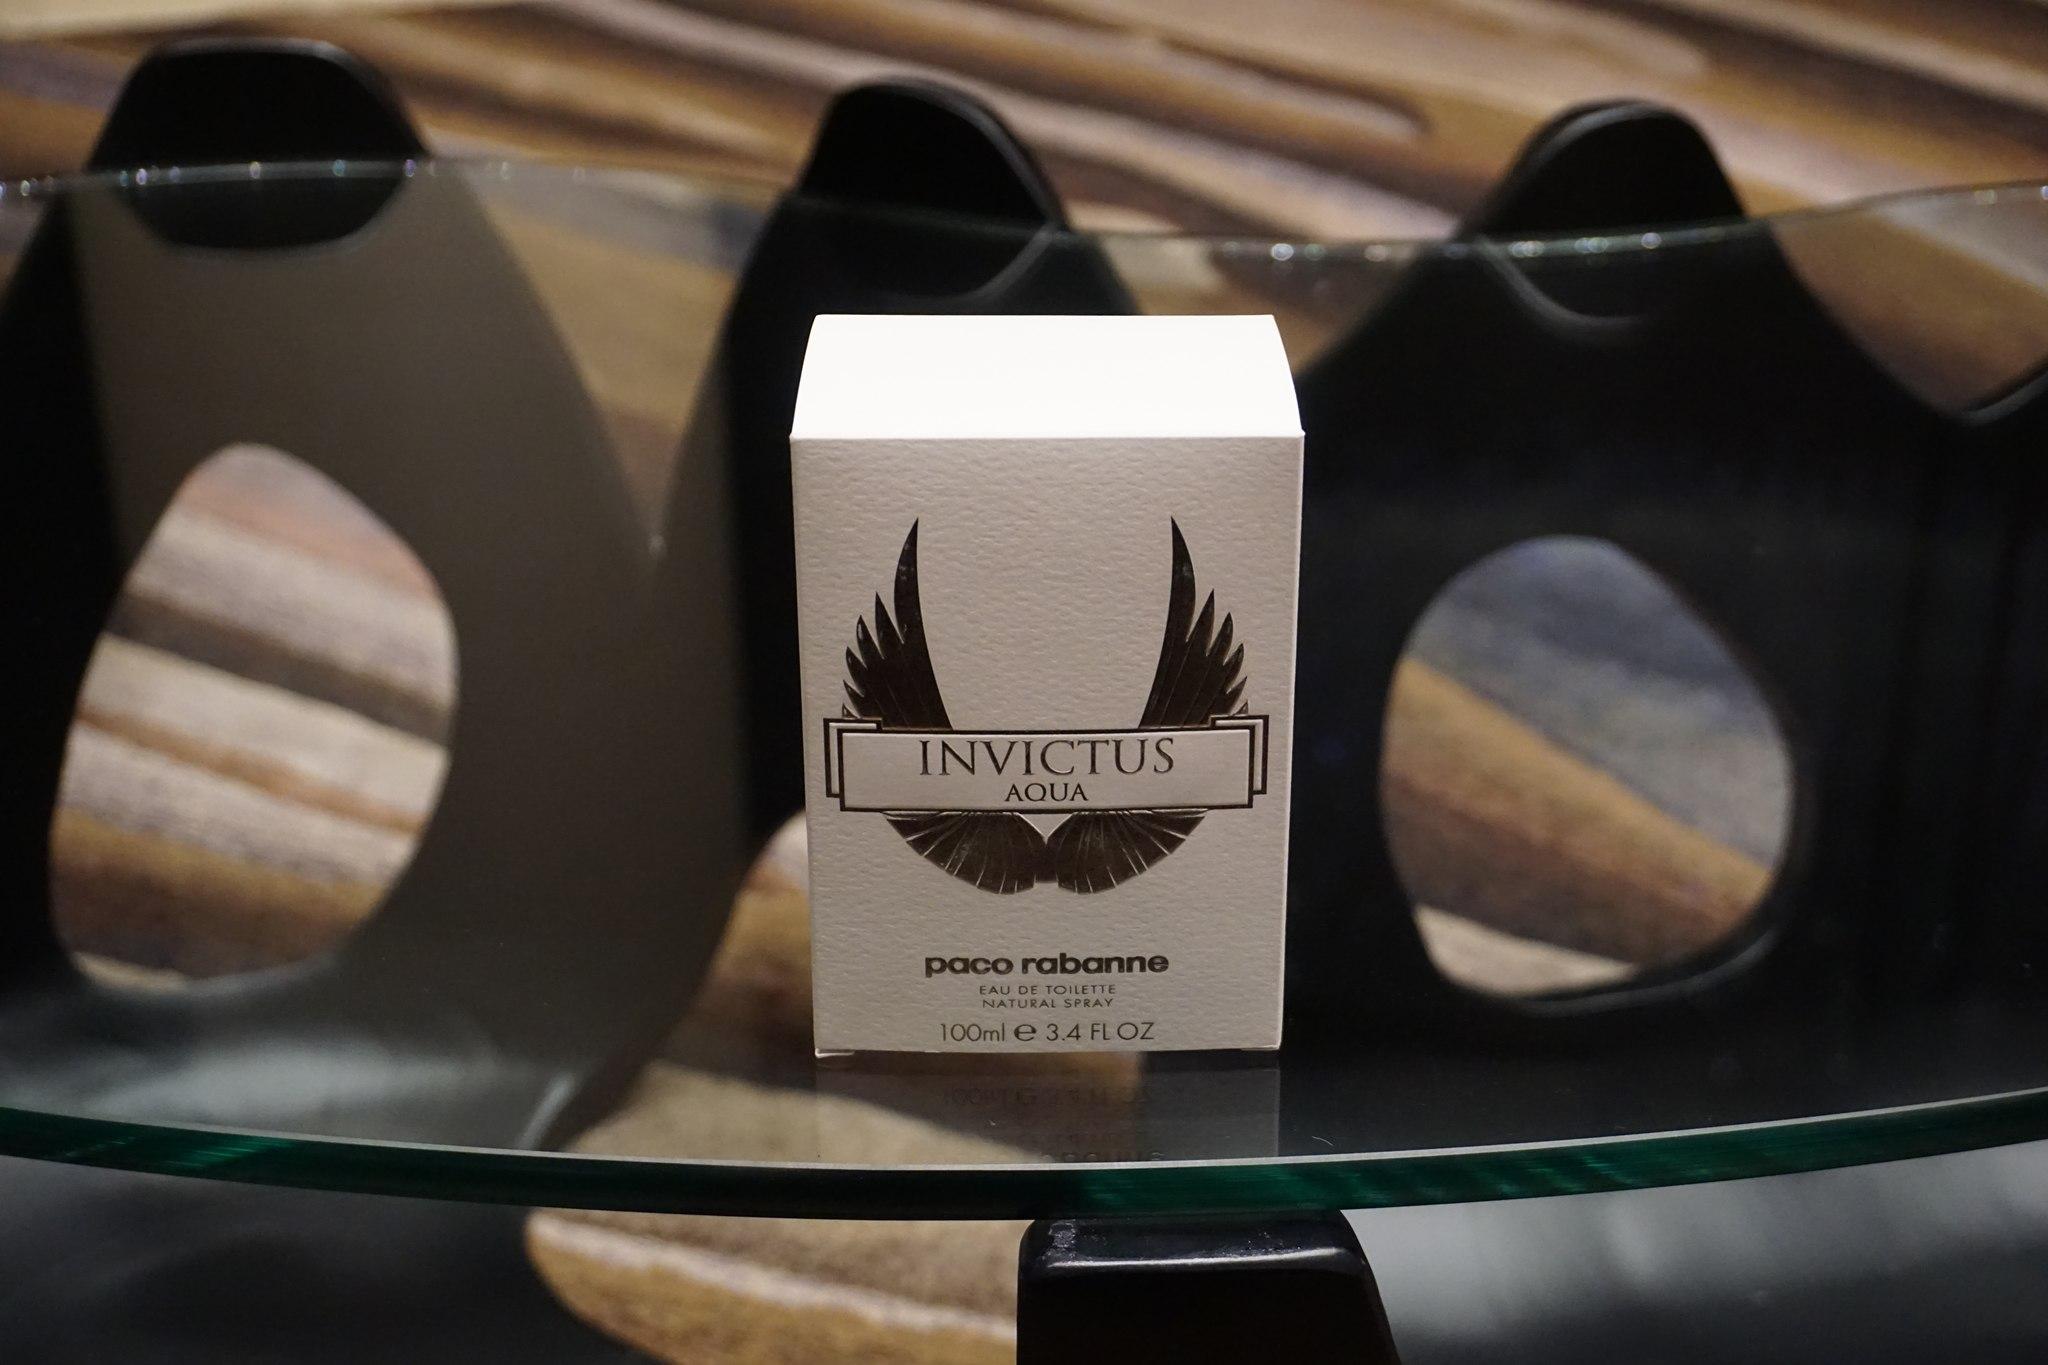 Invictus Aqua Paco Rabanne Men's Fragrance